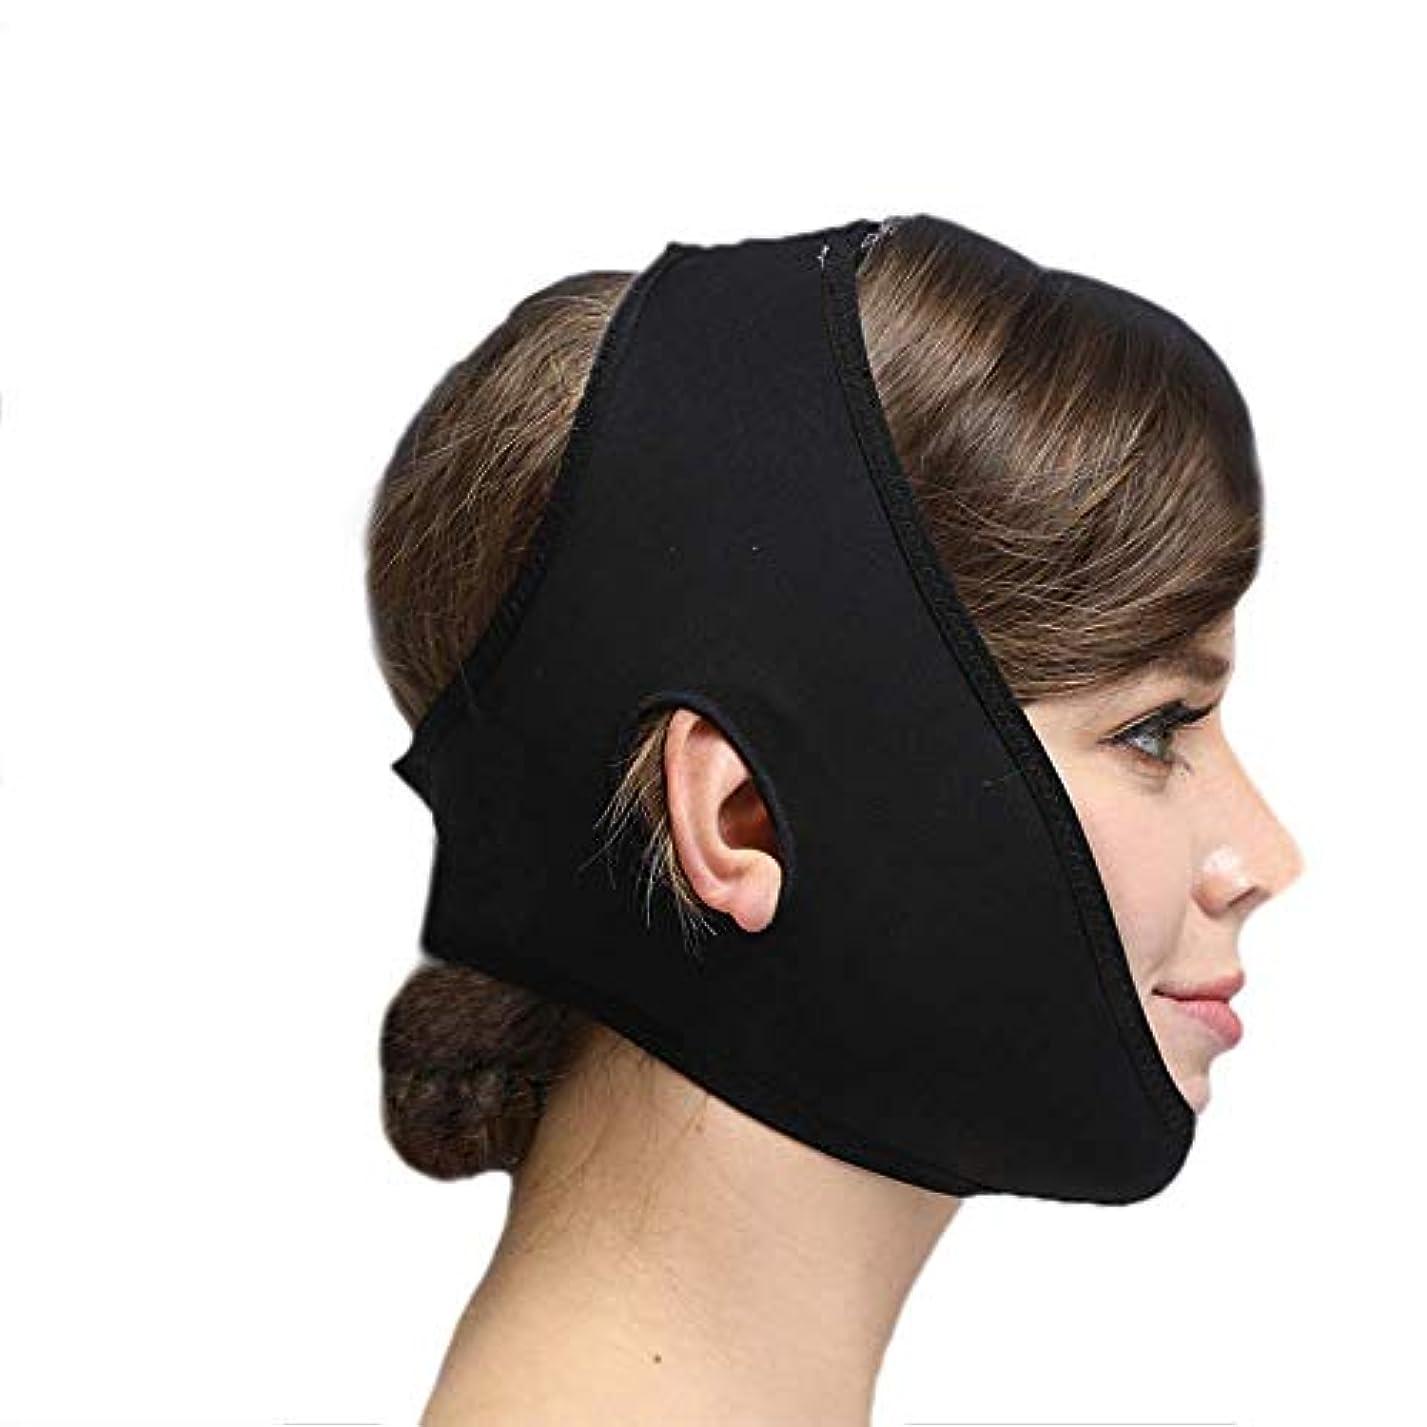 漫画援助加速度フェイススリミングマスク、快適さと通気性、フェイシャルリフティング、輪郭の改善された硬さ、ファーミングとリフティングフェイス(カラー:ブラック、サイズ:XL),ブラック2、XL